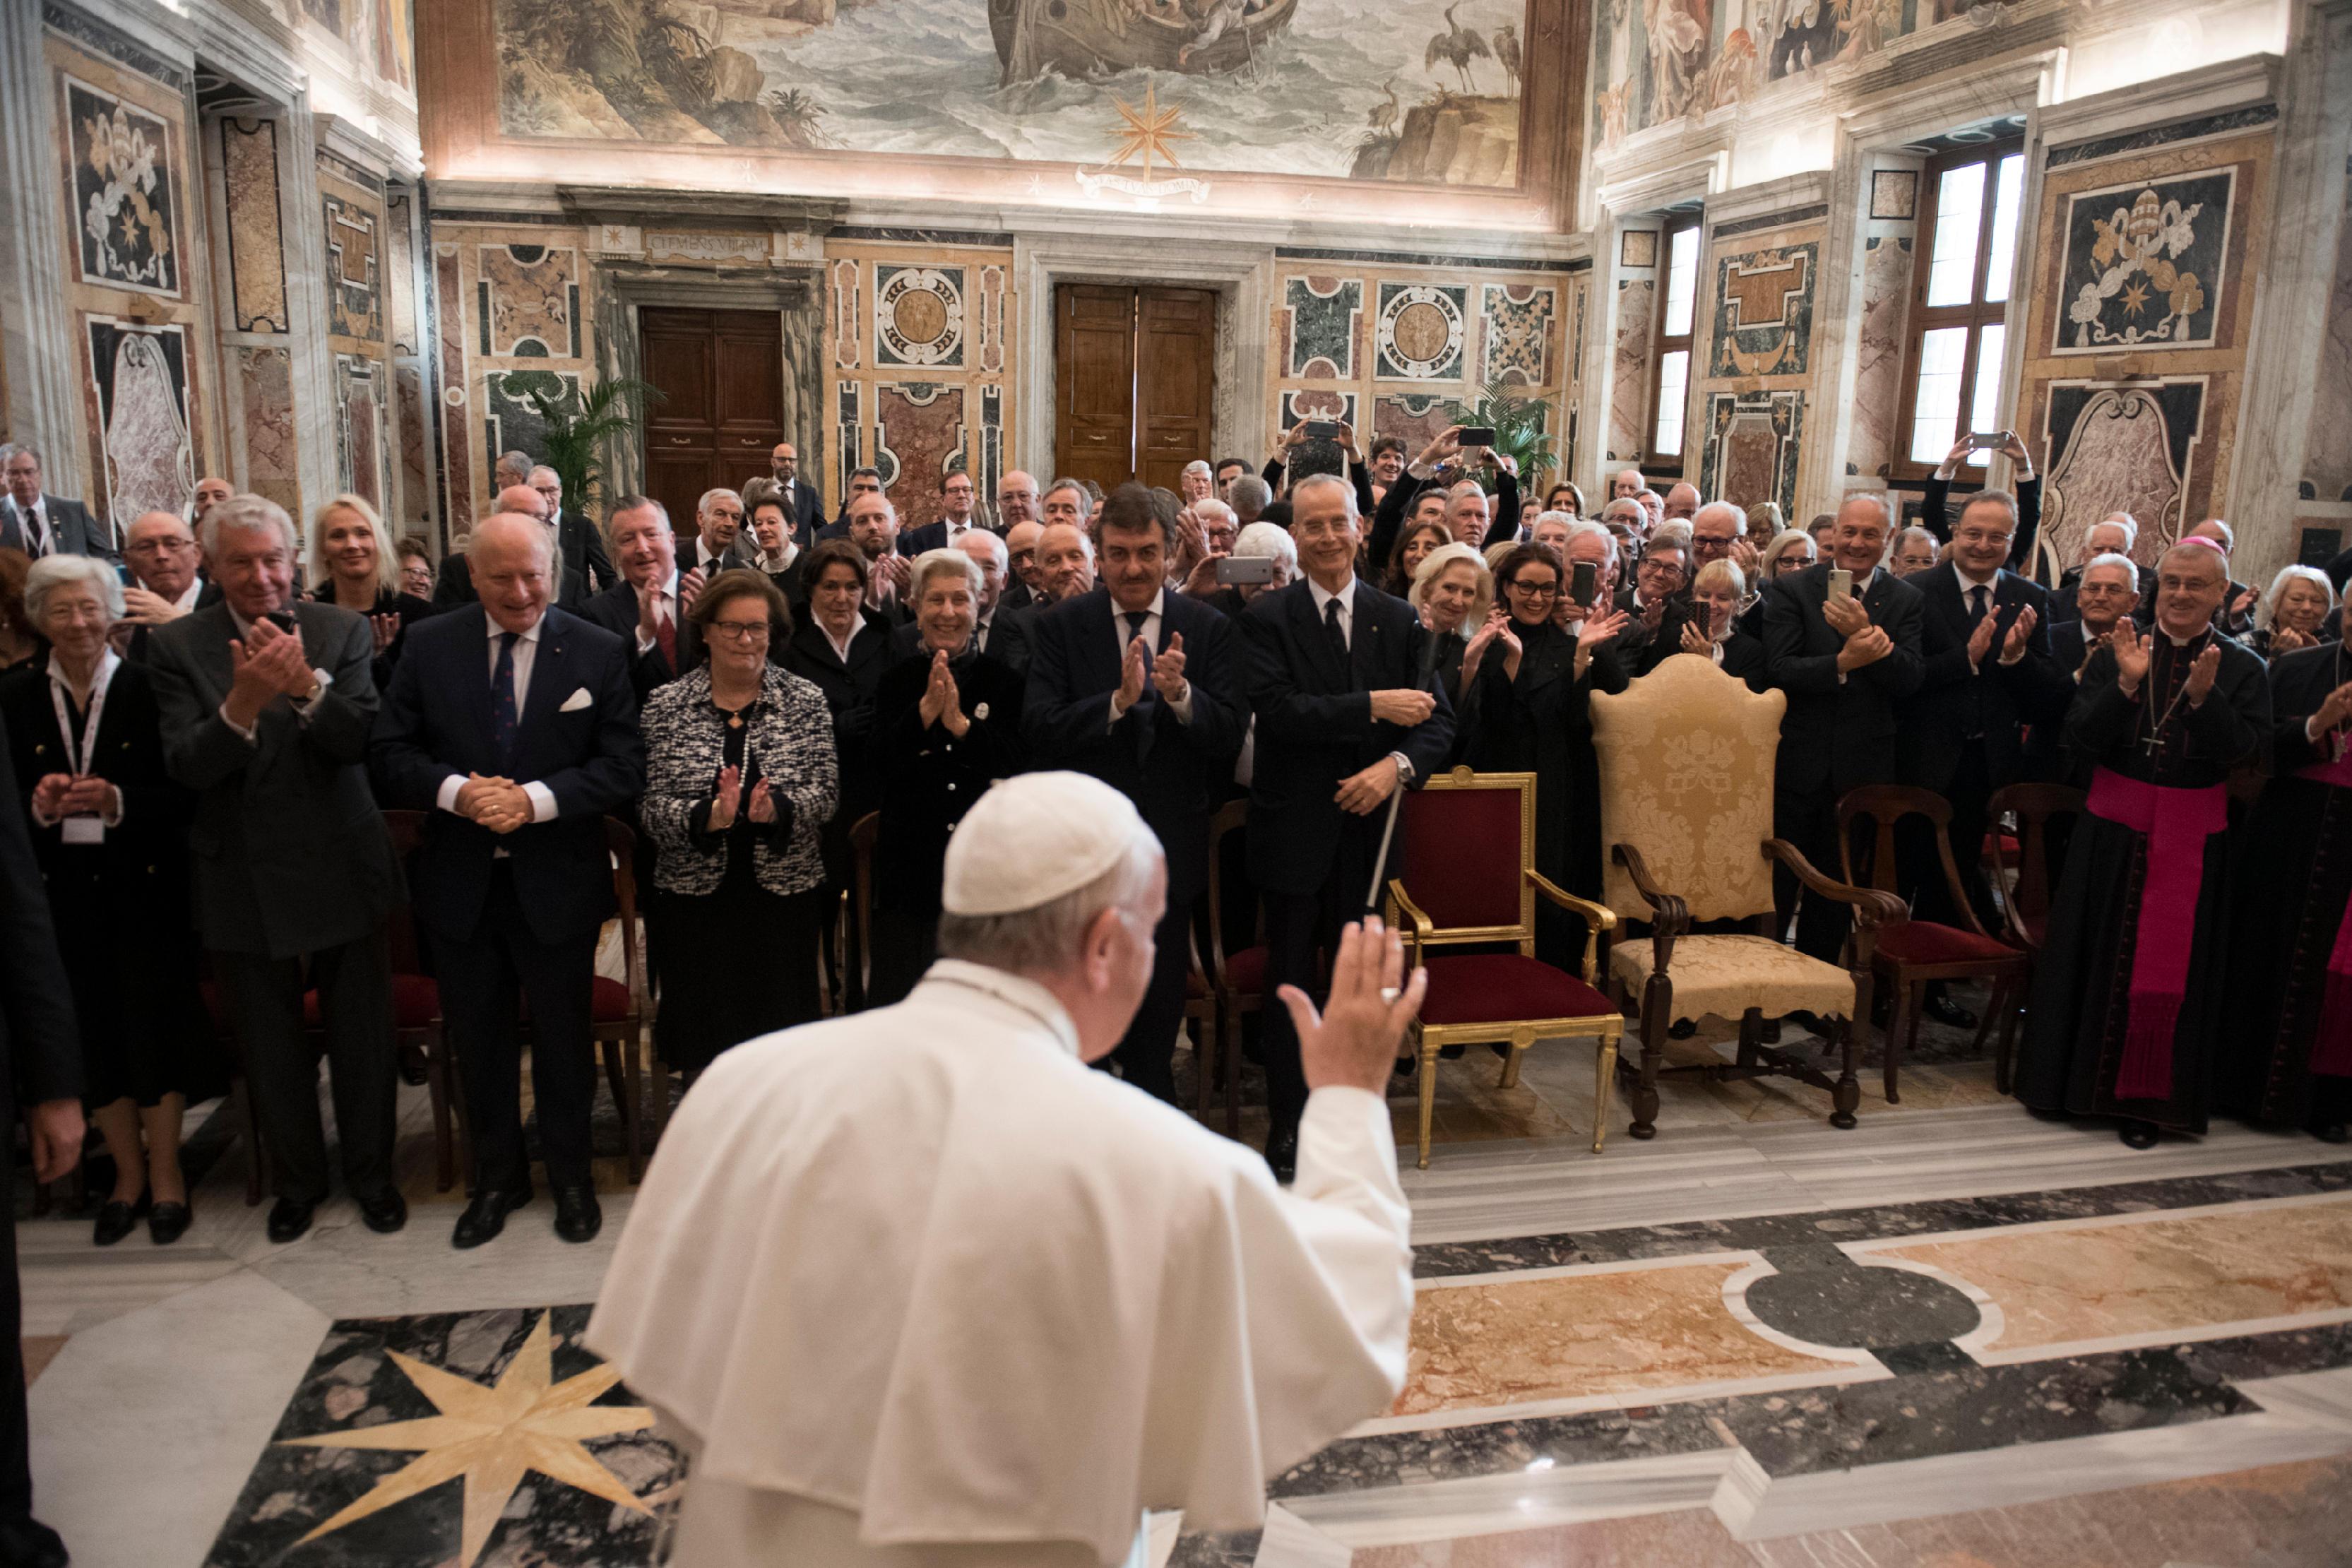 Saludo del Papa Francisco a la Orden Ecuestre del Santo Sepulcro de Jerusalén© Vatican Media